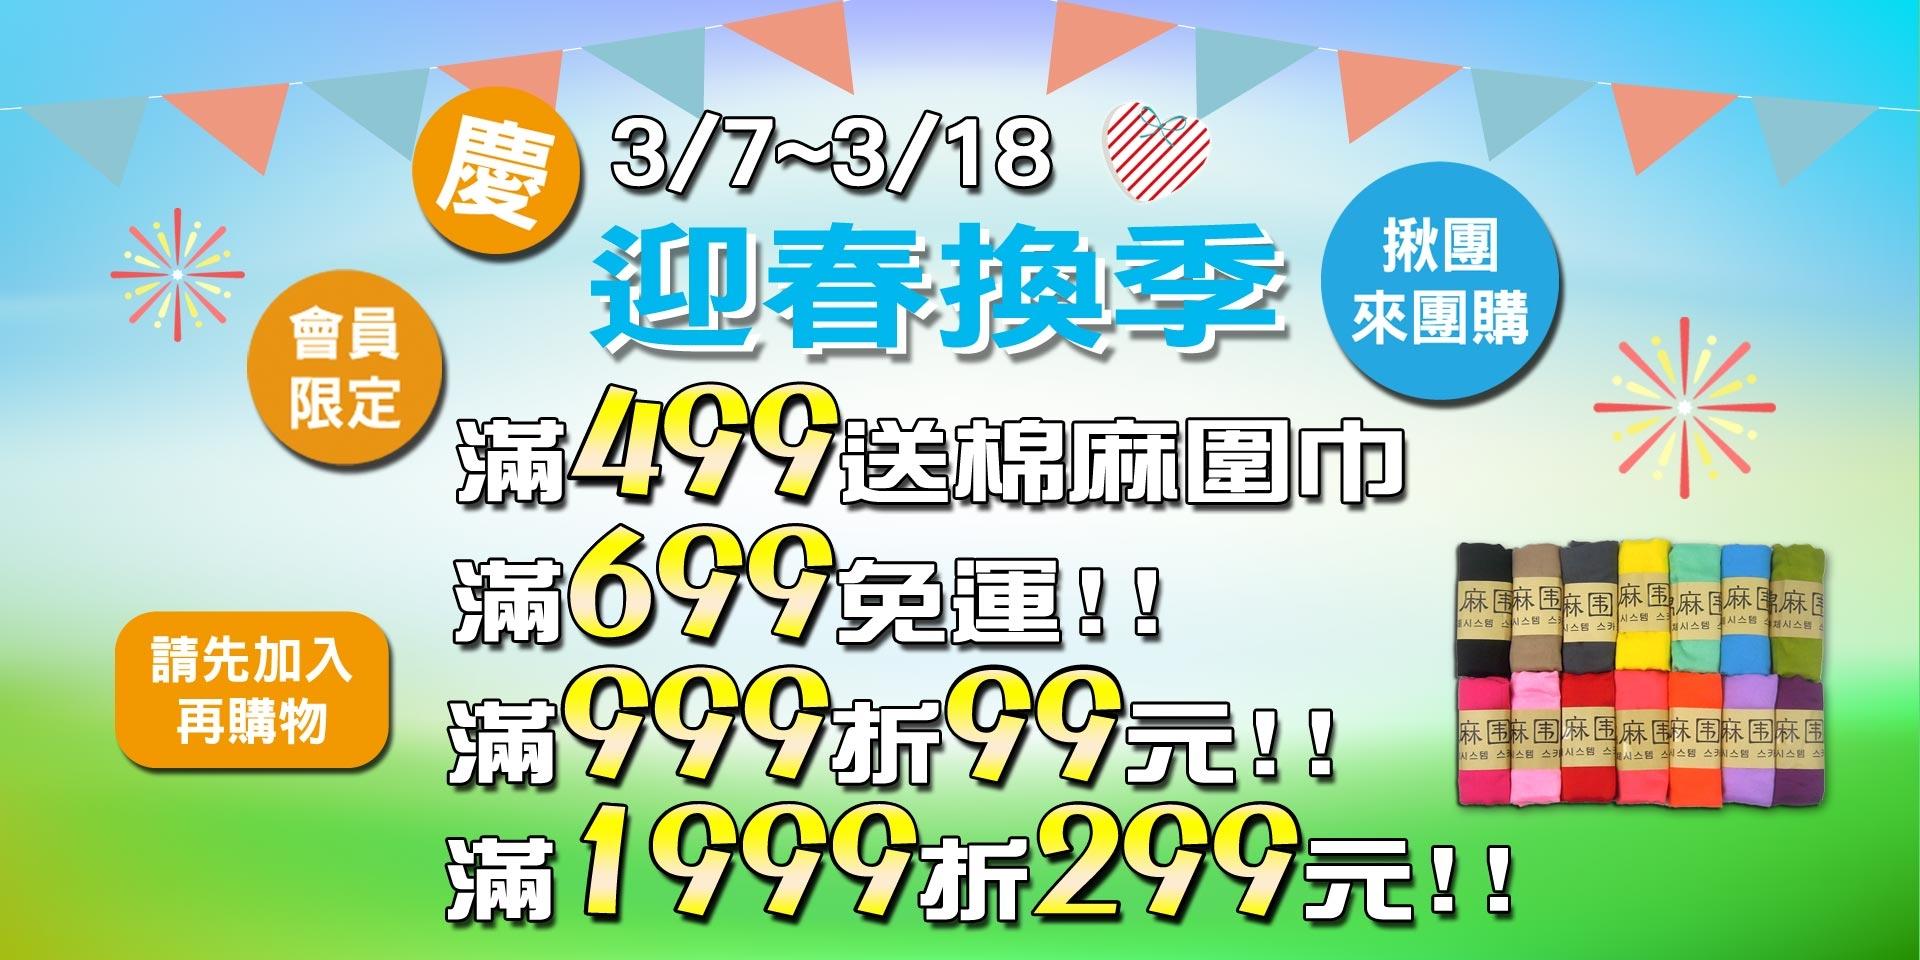 迎春換季~會員滿499免運、滿699送棉麻圍巾、滿999現折99、滿1999現折299元!!